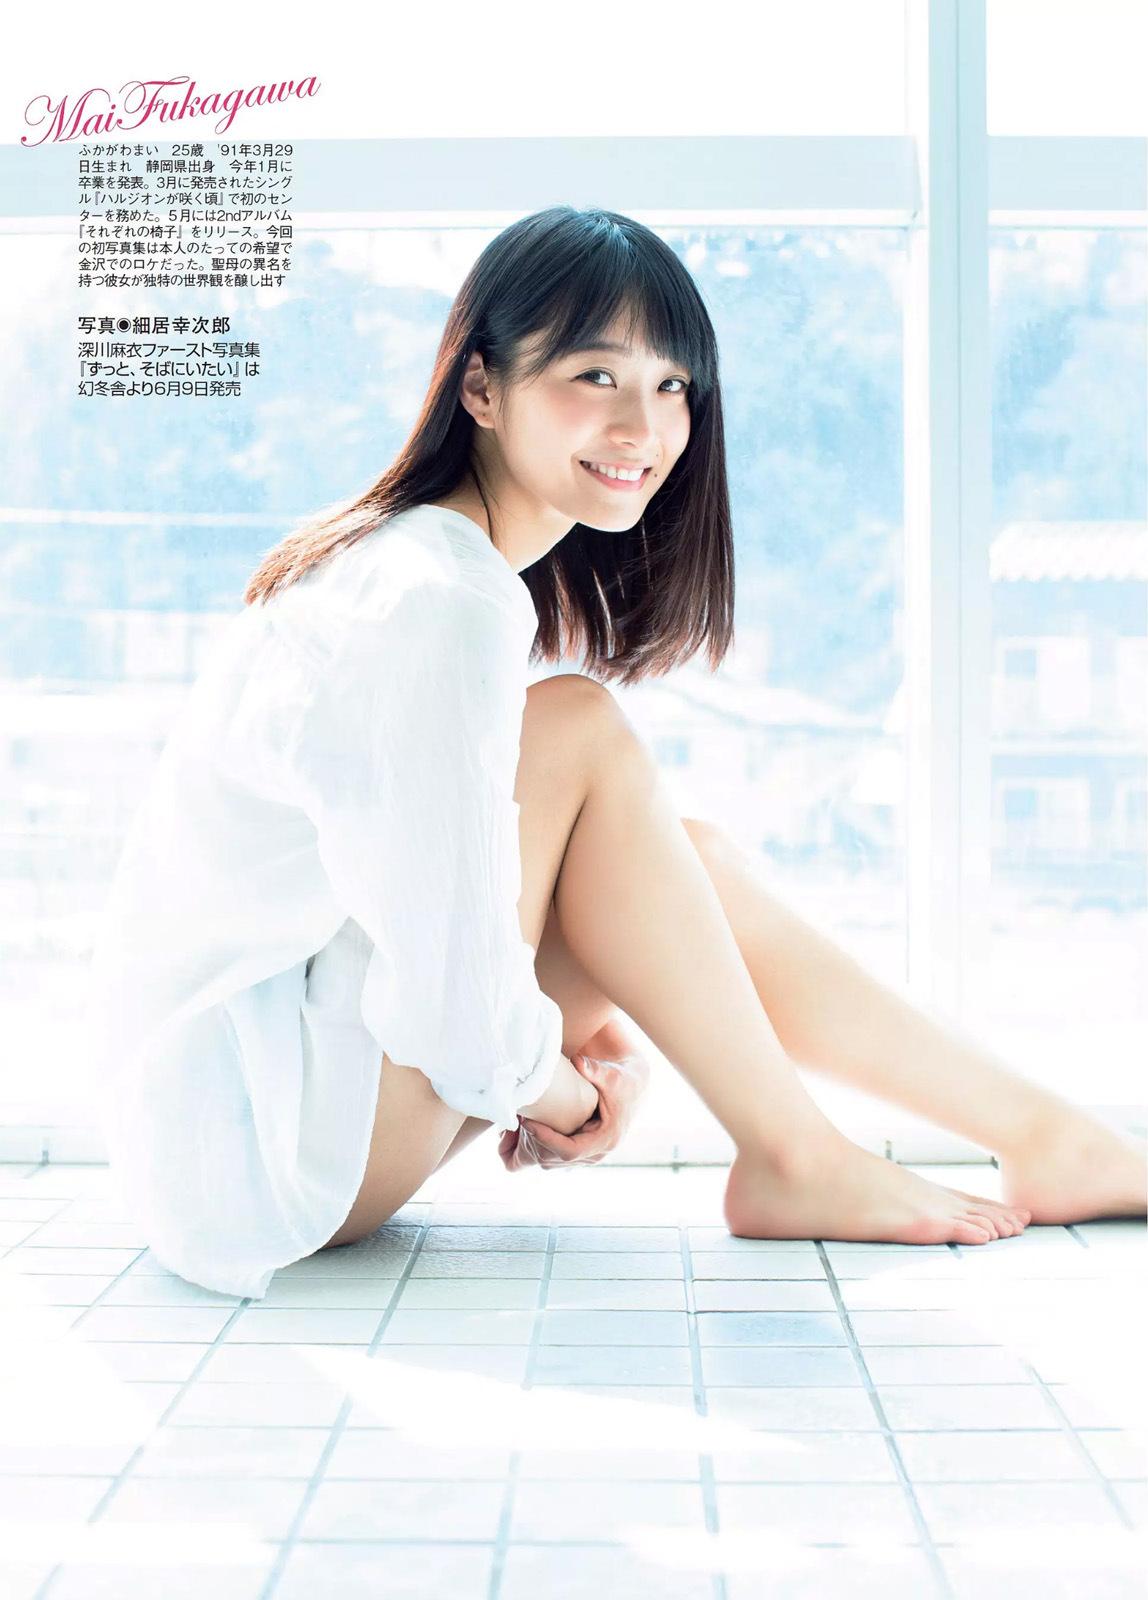 Fukagawa Mai 深川麻衣 Nogizaka46, Flash Magazine 2016.06.14 Gravure